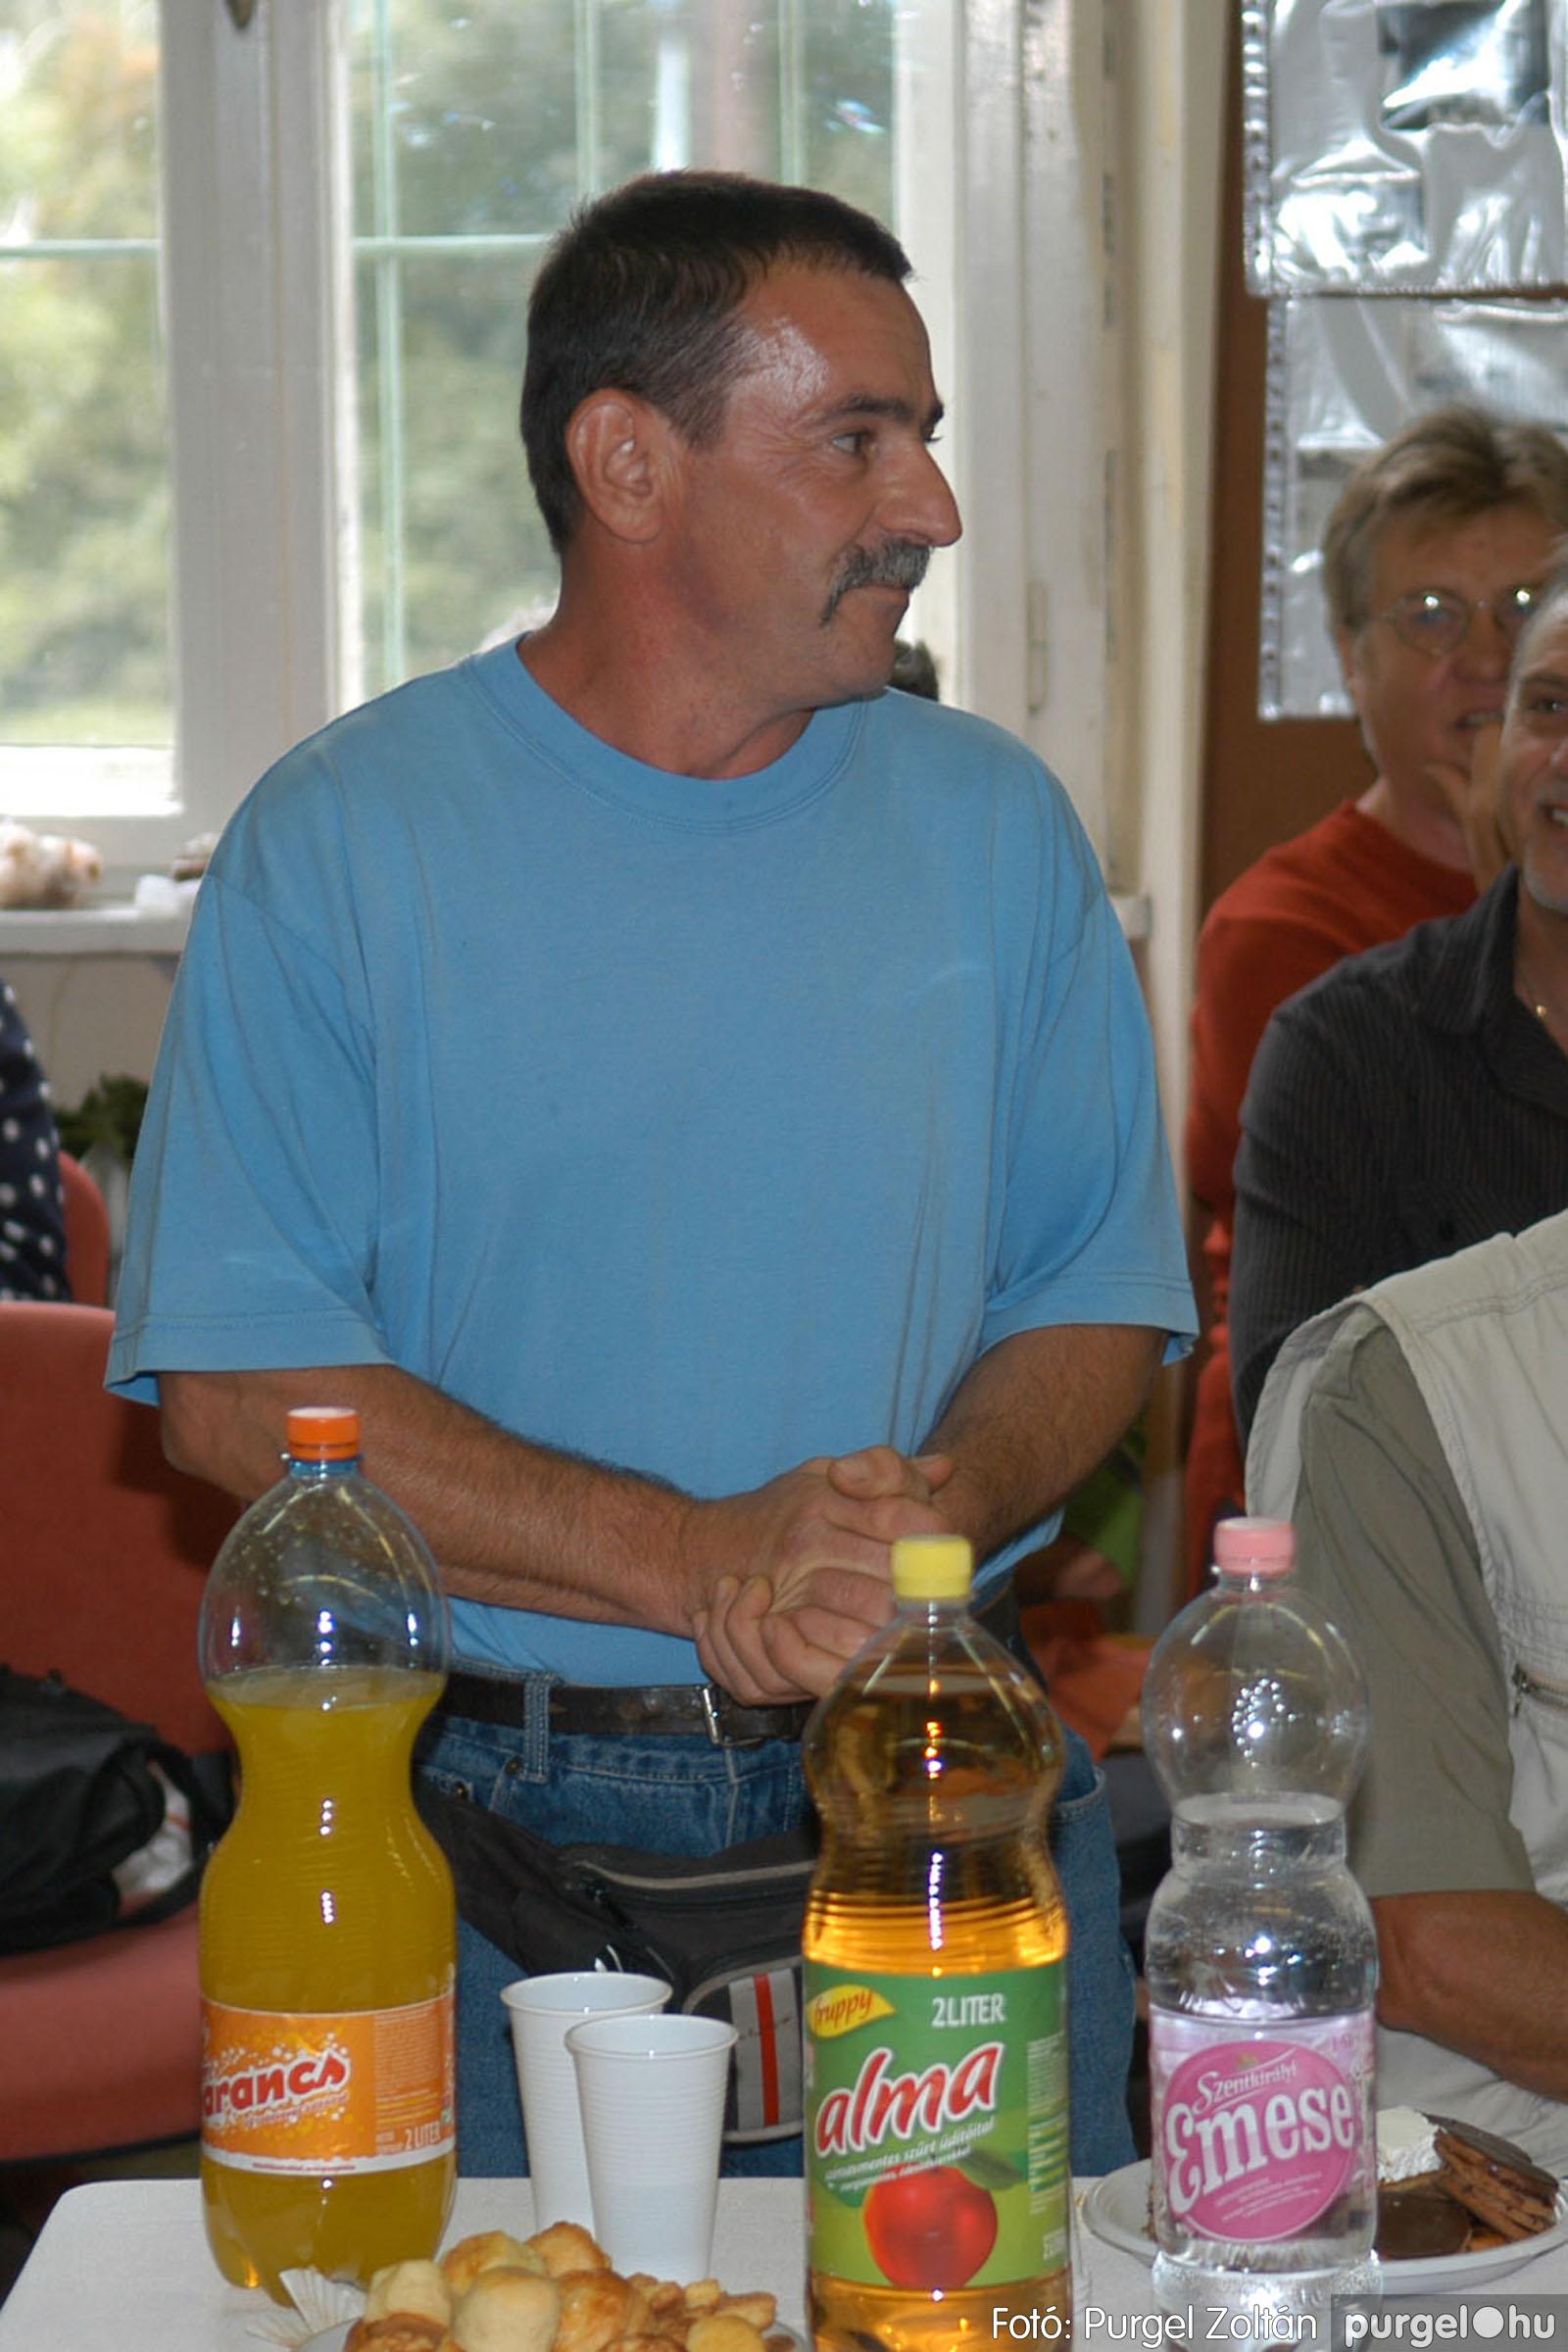 2014.09.06. 204 Állami gondozottak találkozója - Fotó:PURGEL ZOLTÁN© DSC_0481q.jpg